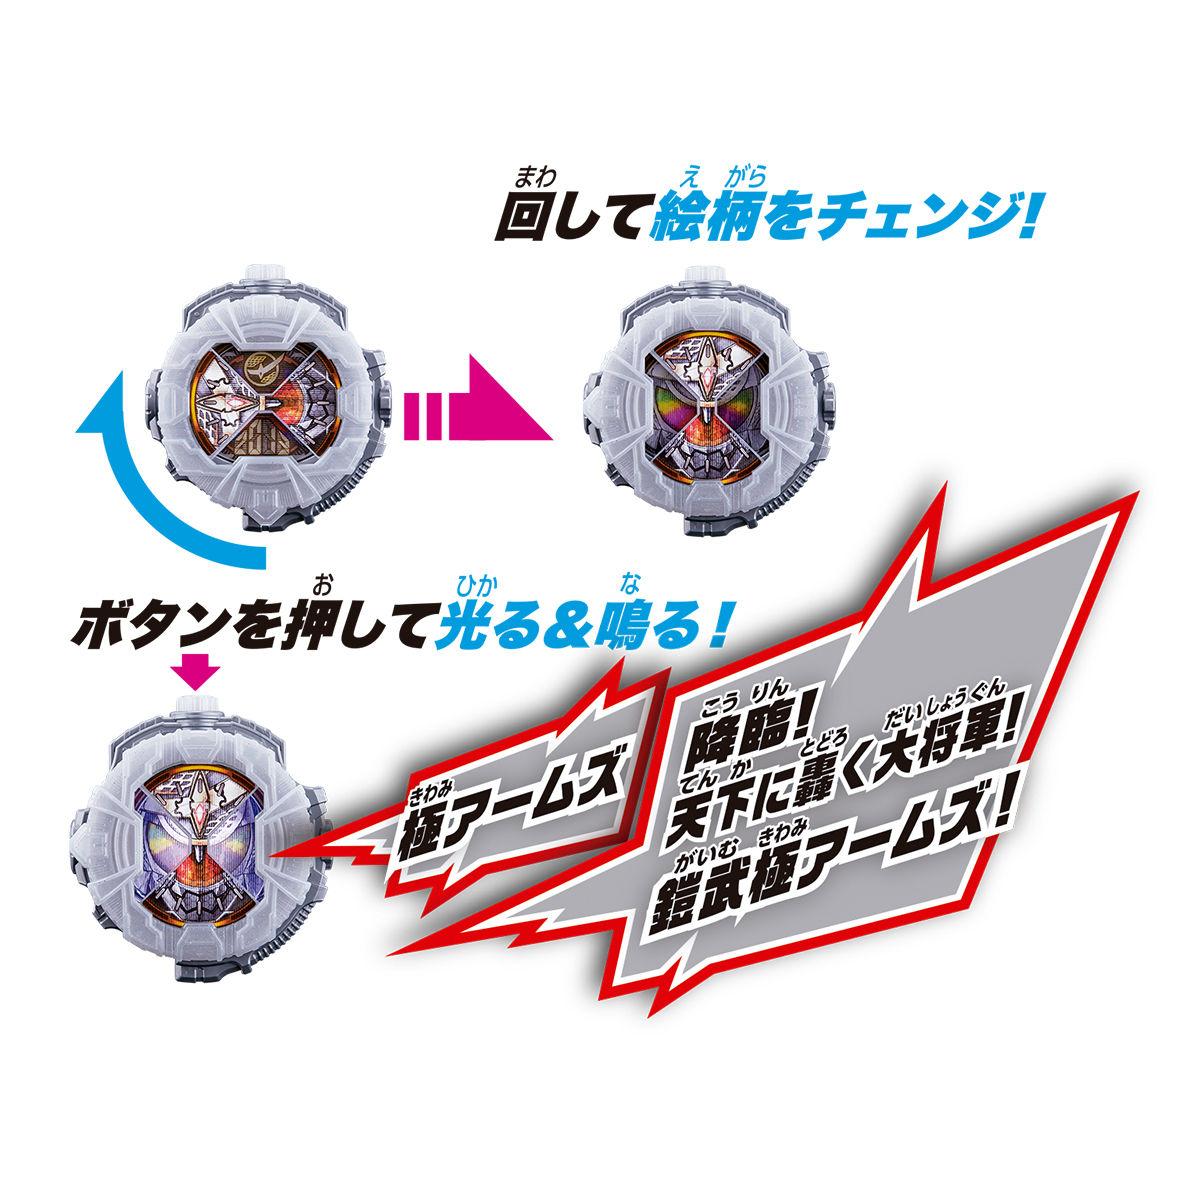 仮面ライダージオウ『DX鎧武極アームズライドウォッチ』変身なりきり-007